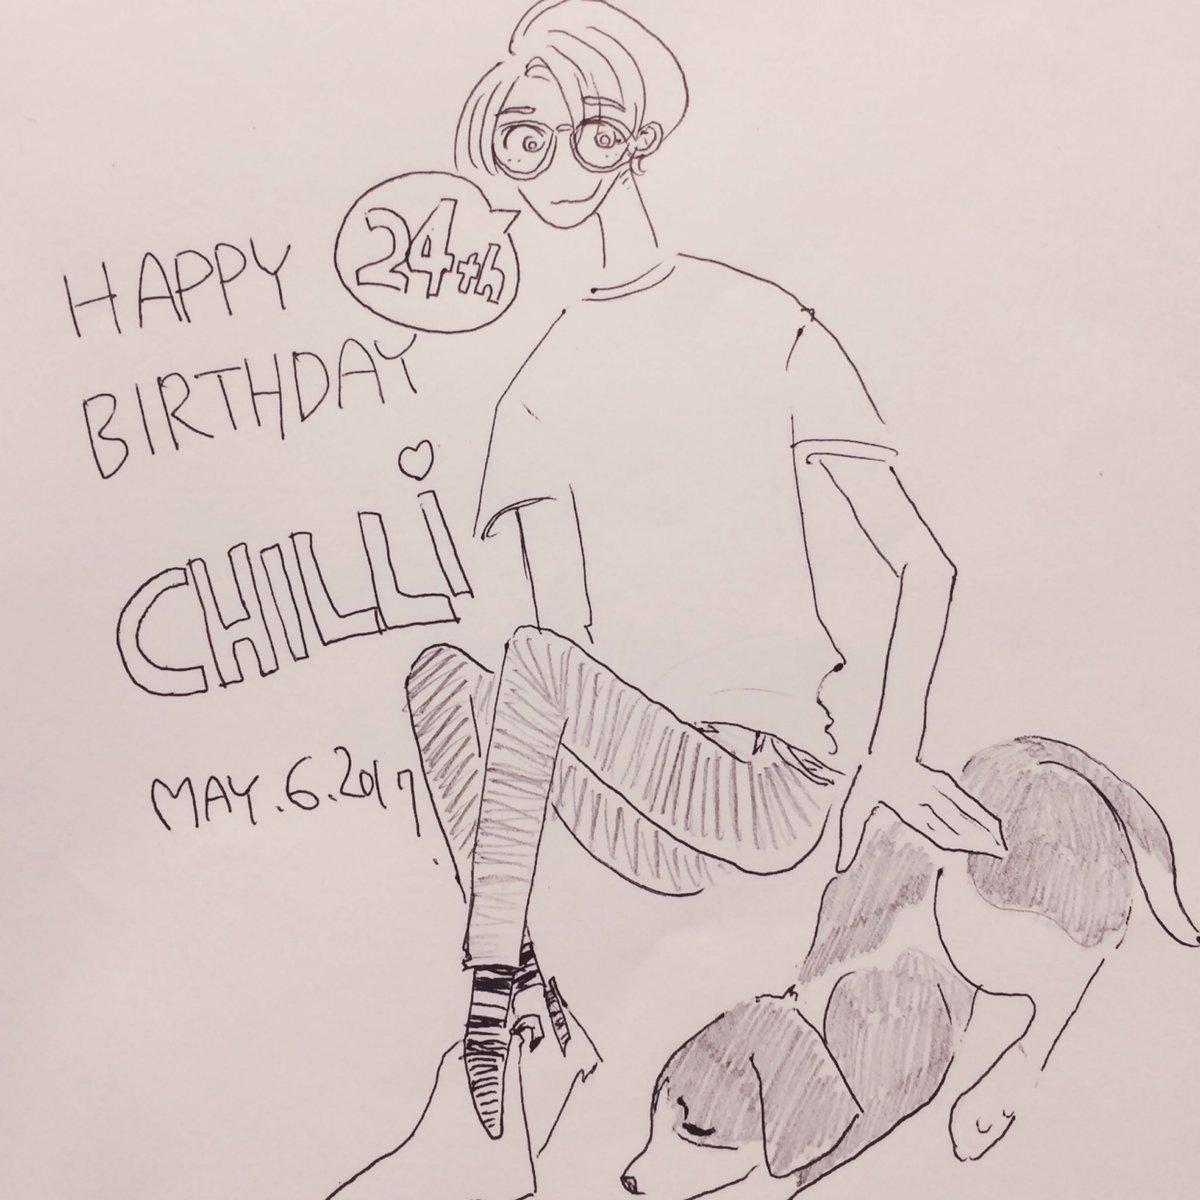 Happy Birthday Chilli (from Palma Violets)🎉🎉パーマのやんちゃな末っ子で、ライブ見て一目惚れしてからずっと好きな男の子!そろそろ活動してほしいな〜